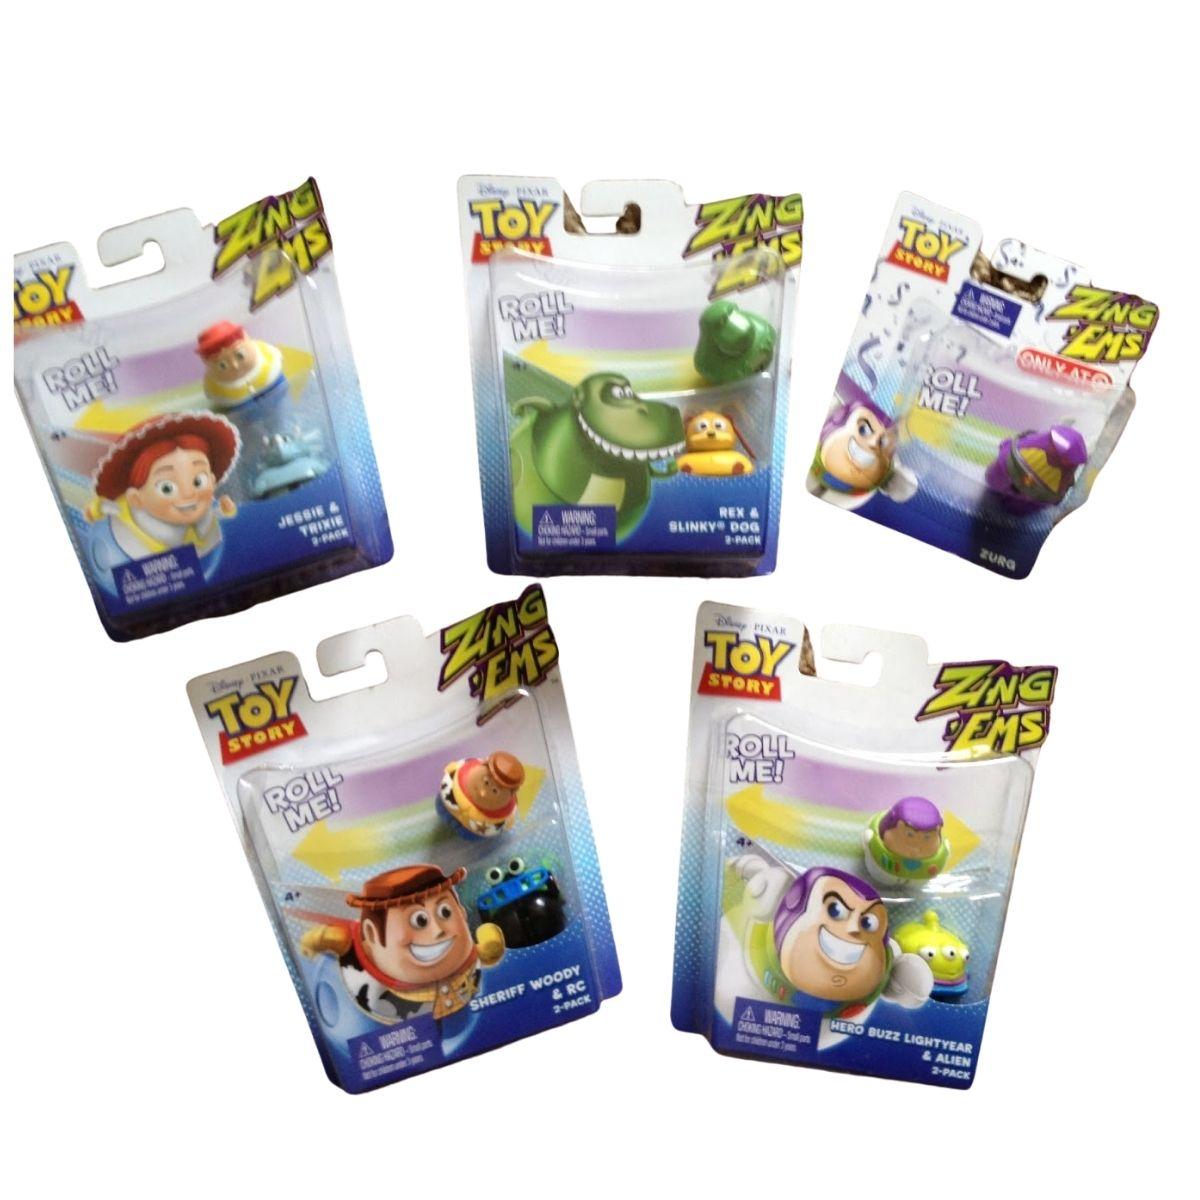 Boneco Toy Story com 2 unidades brinquedo Buzz & Zurg  - Game Land Brinquedos